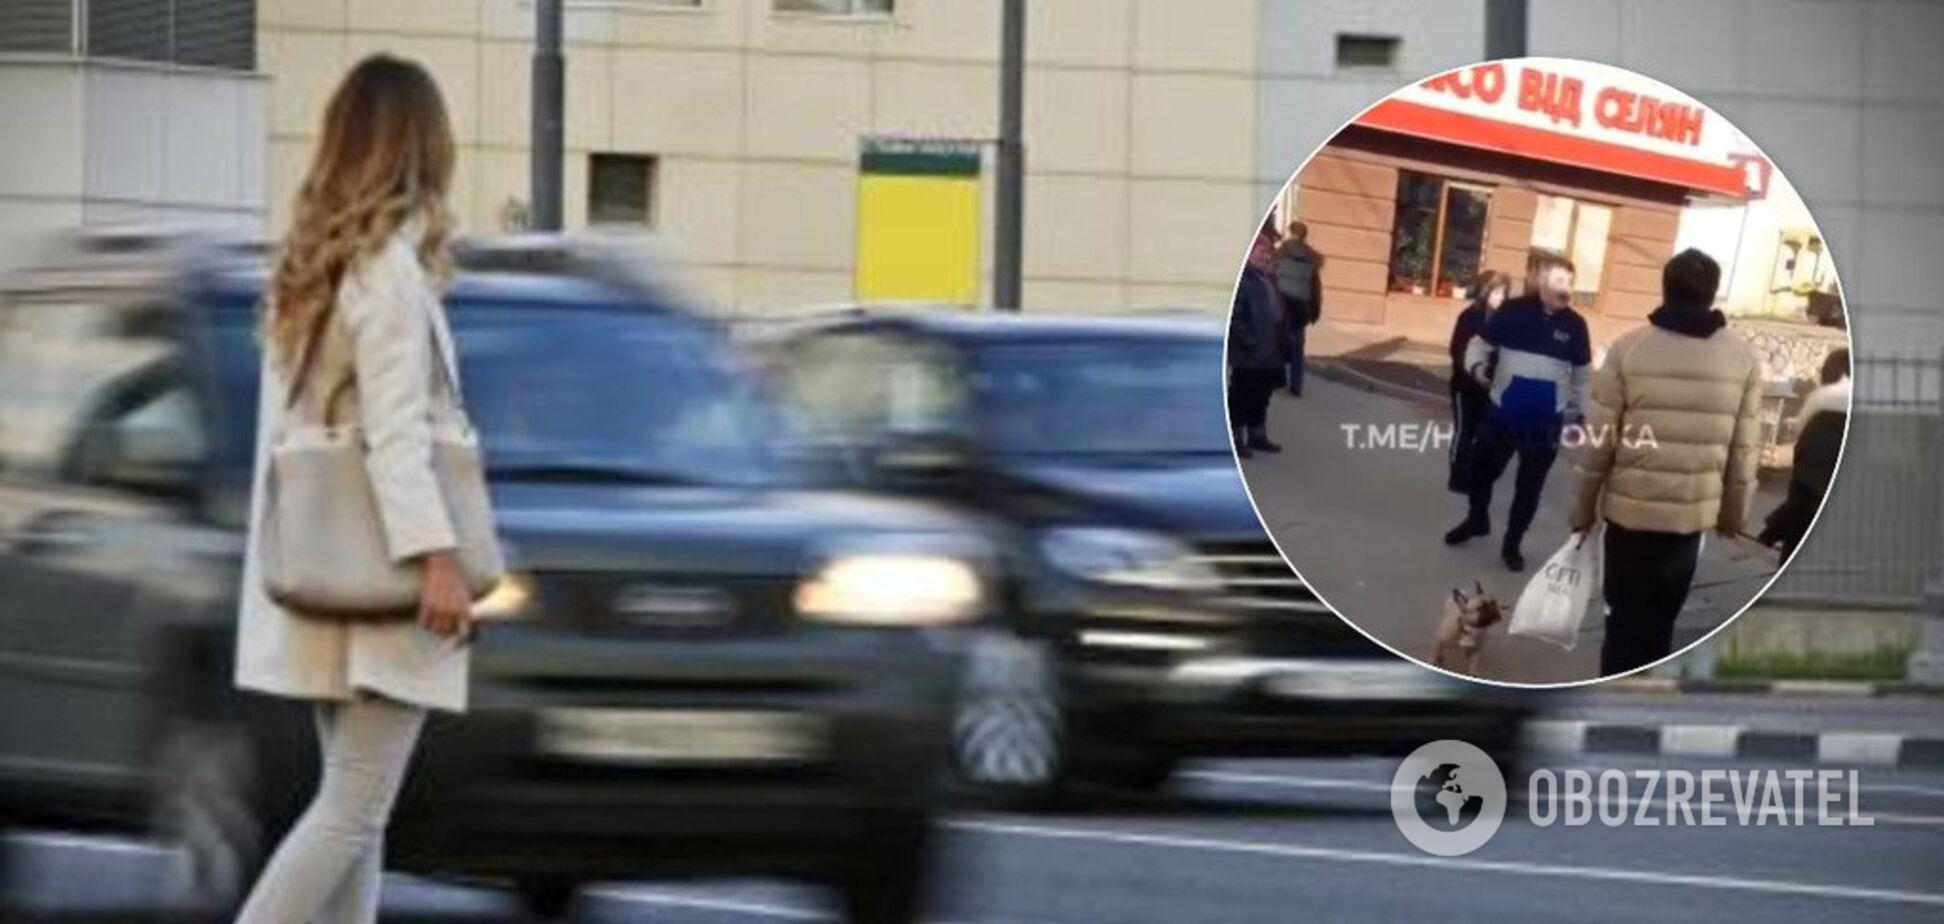 ''Похороню тебя, тварь молодая!'' В Харькове разъяренный водитель накинулся на девушку-пешехода. Видео